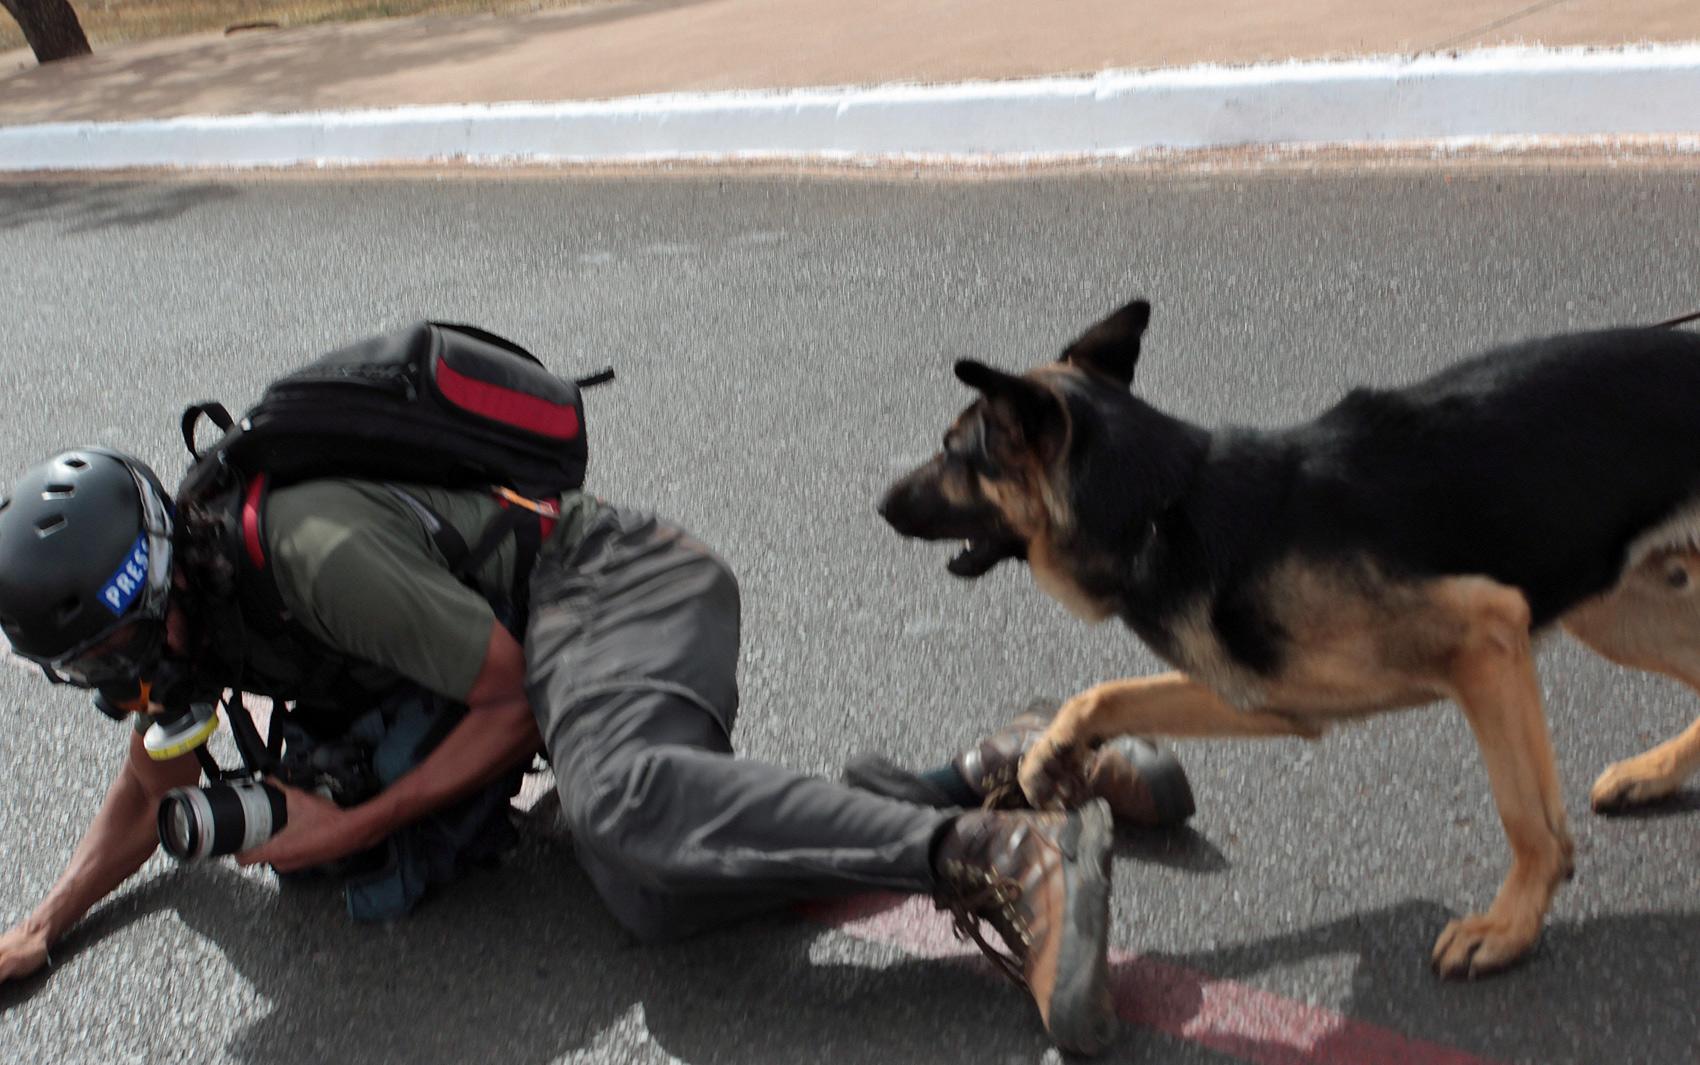 Depois de afastar os manifestantes próximo ao Estádio Nacional de Brasilia, policiais com cães agrediram dois fotógrafos: o da Folha, Fábio Braga (foto), e o fotógrafo Marcelo Marcelino.